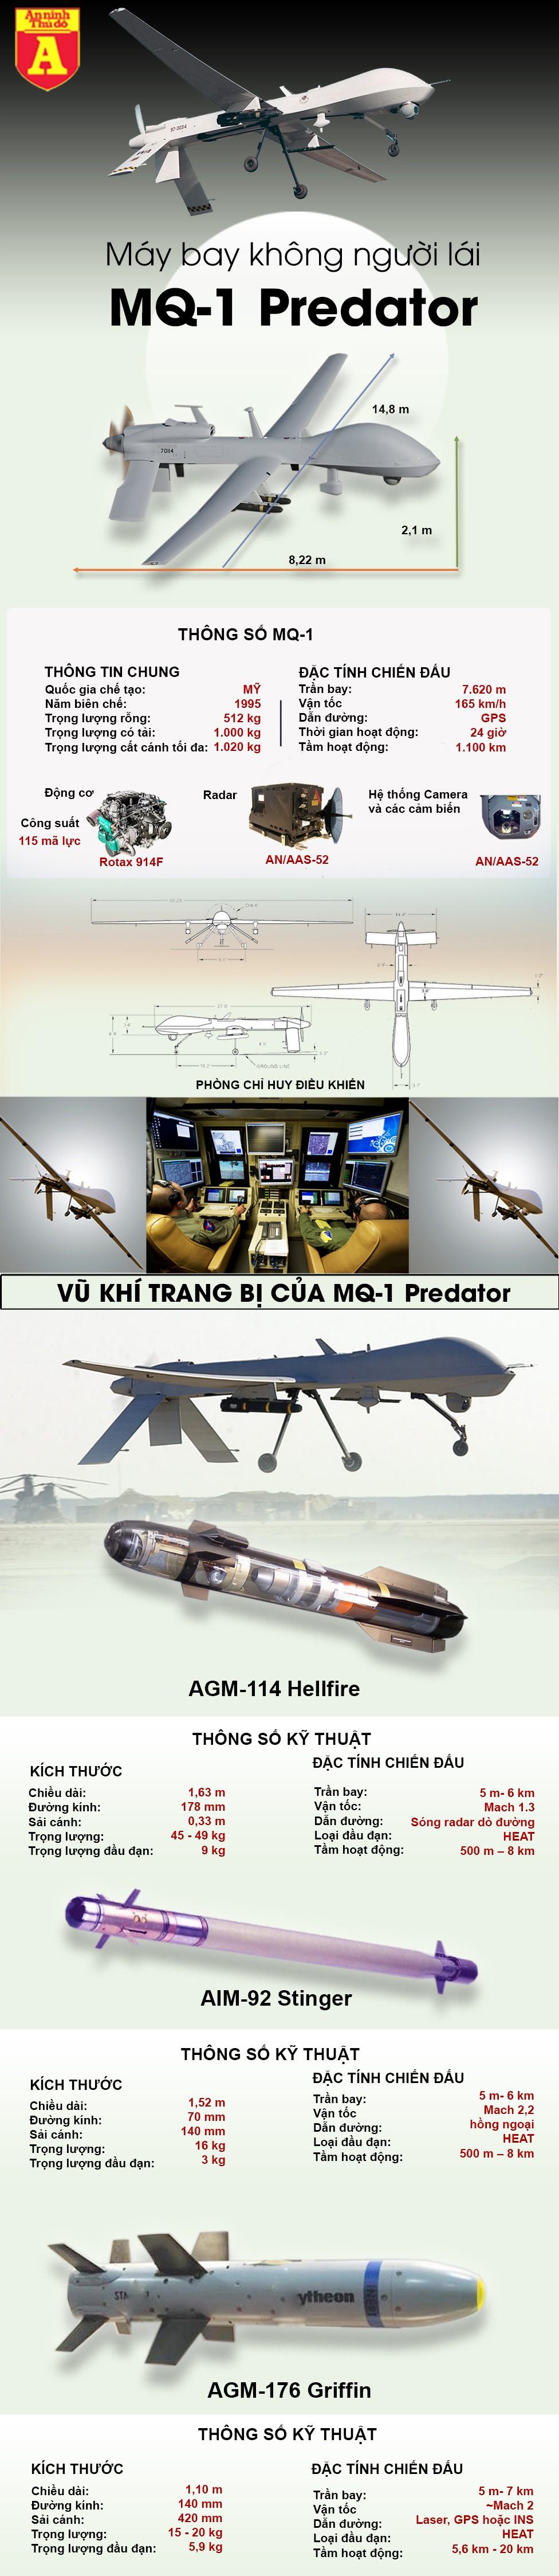 """[Infographic] Khủng bố mừng hụt khi Mỹ loại biên """"quái thú UAV"""" ảnh 2"""